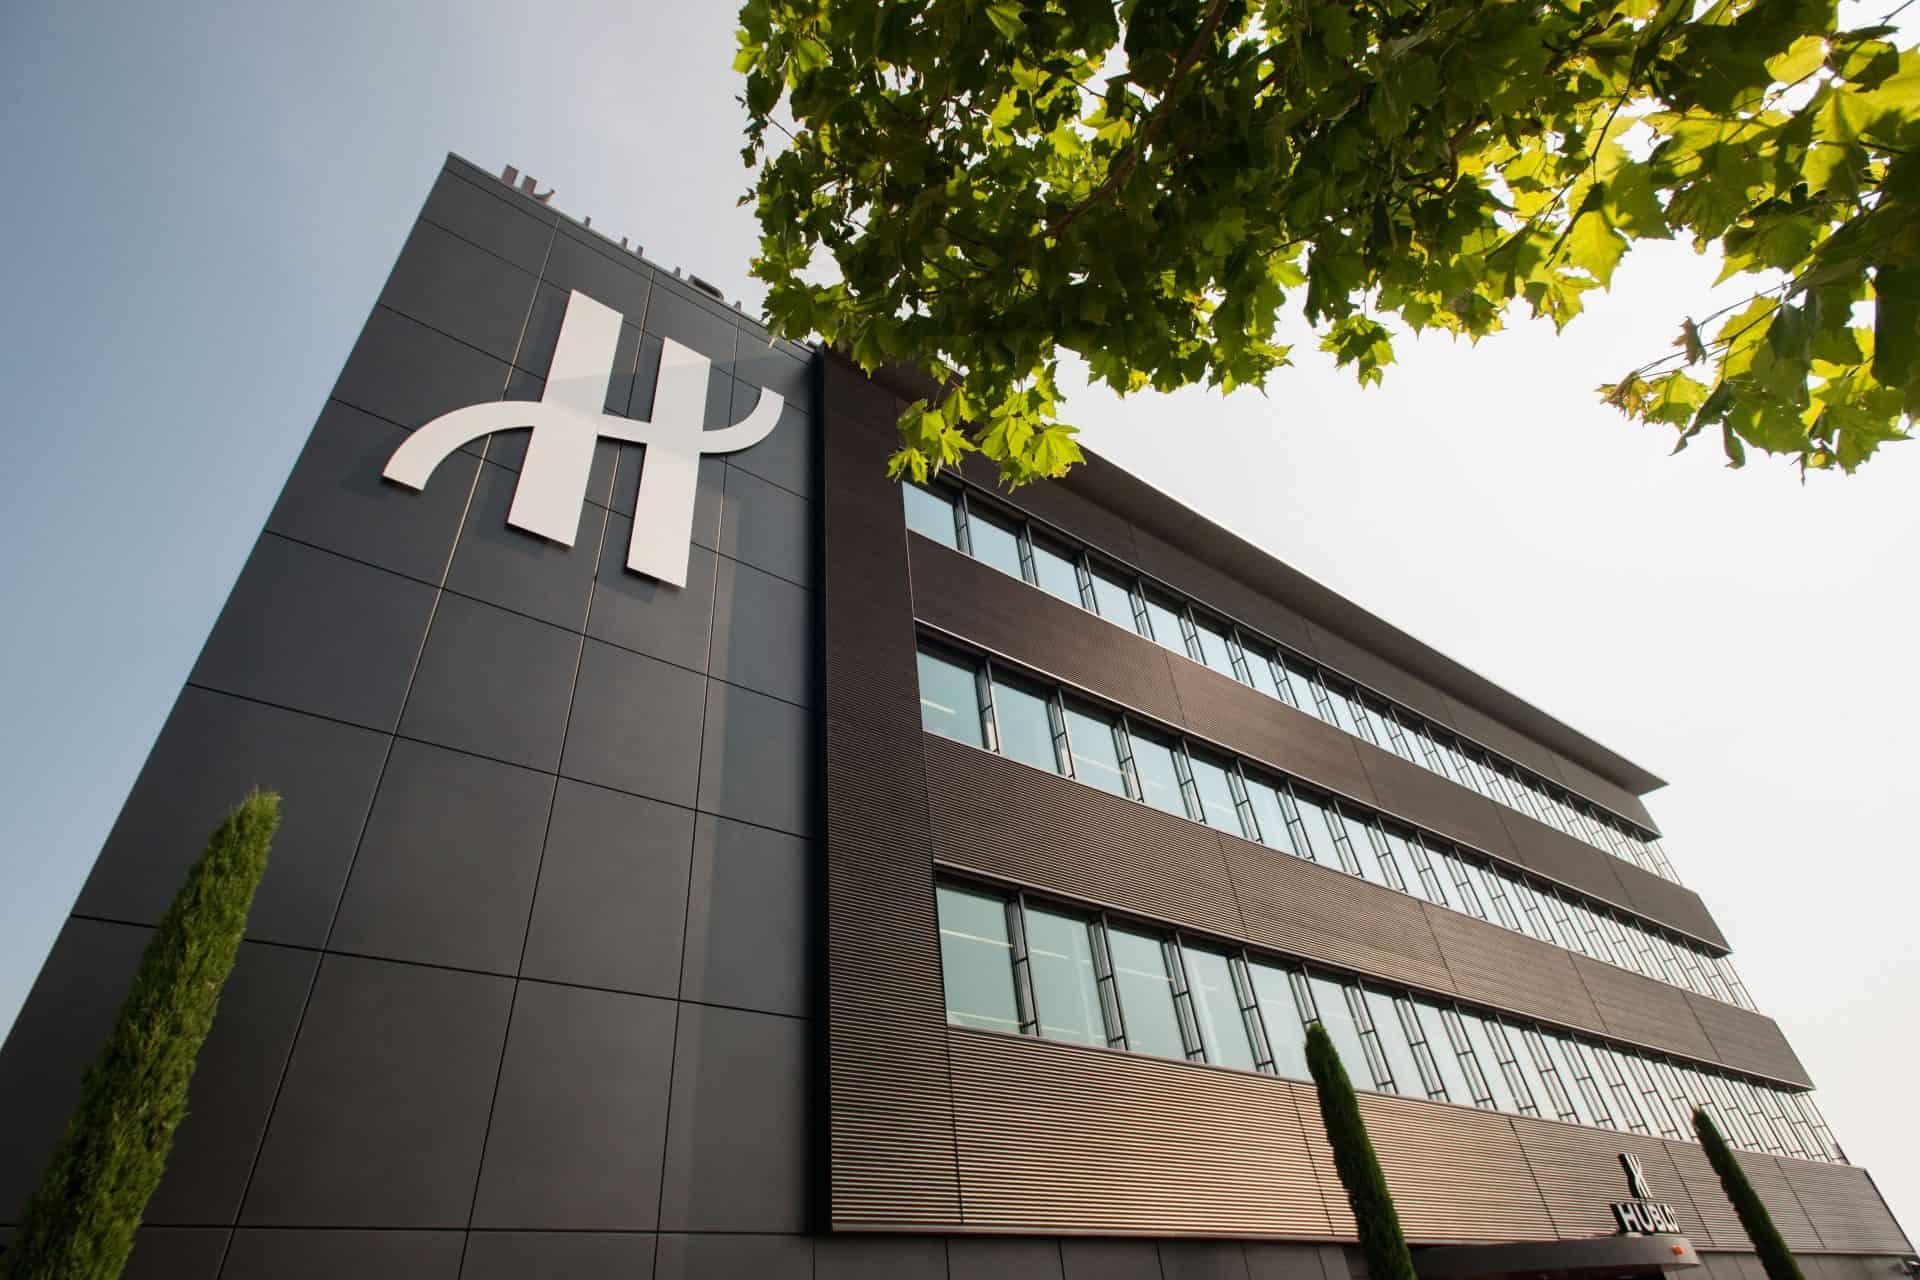 Das noble Hublot Manufakturgebäude in Nyon war 2007 noch weit entfernt